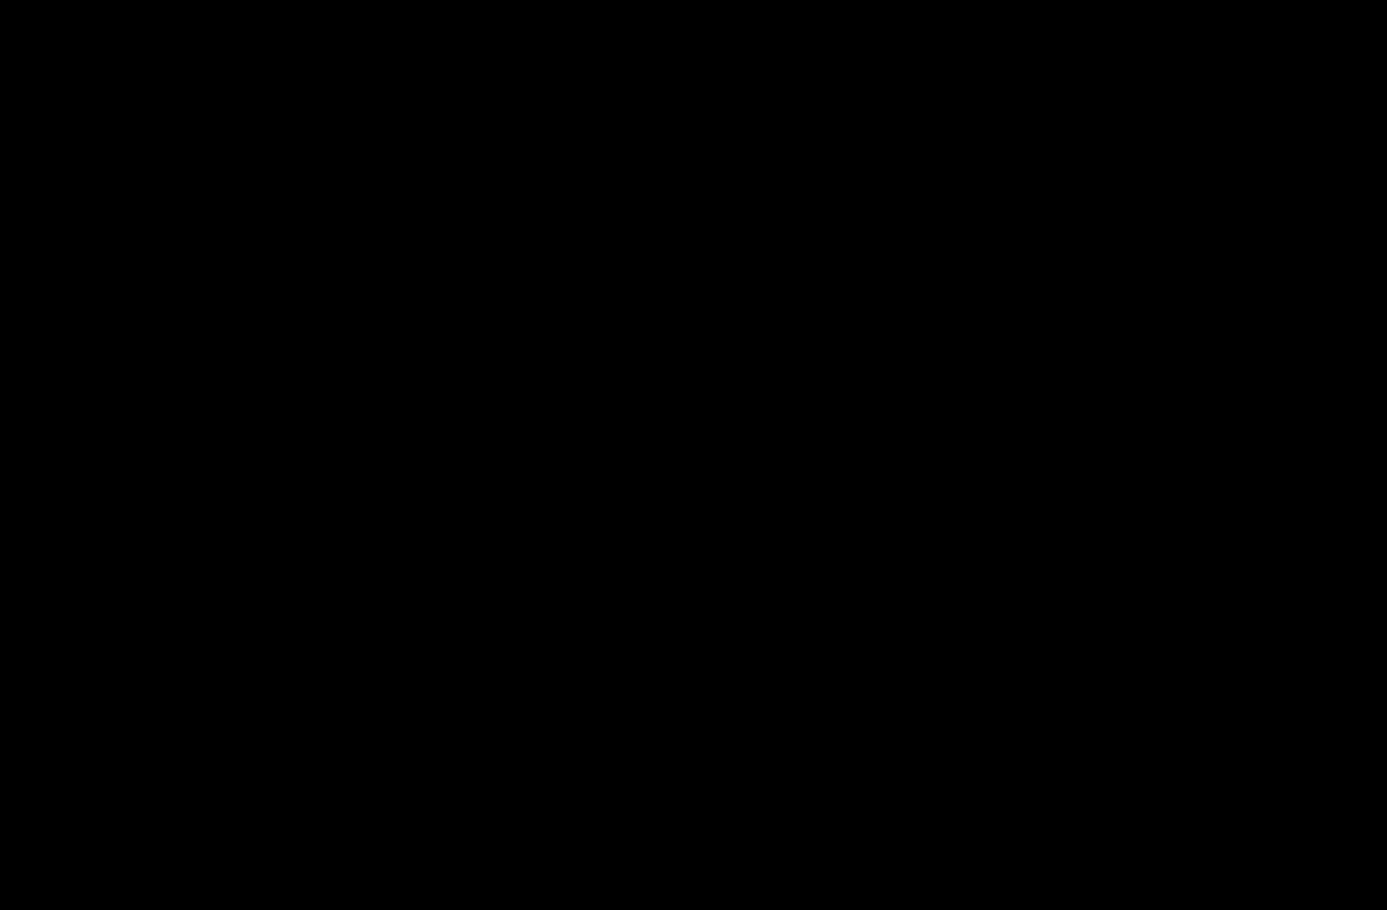 3-tert-Butyldimethylsilyloxymethyl Maraviroc